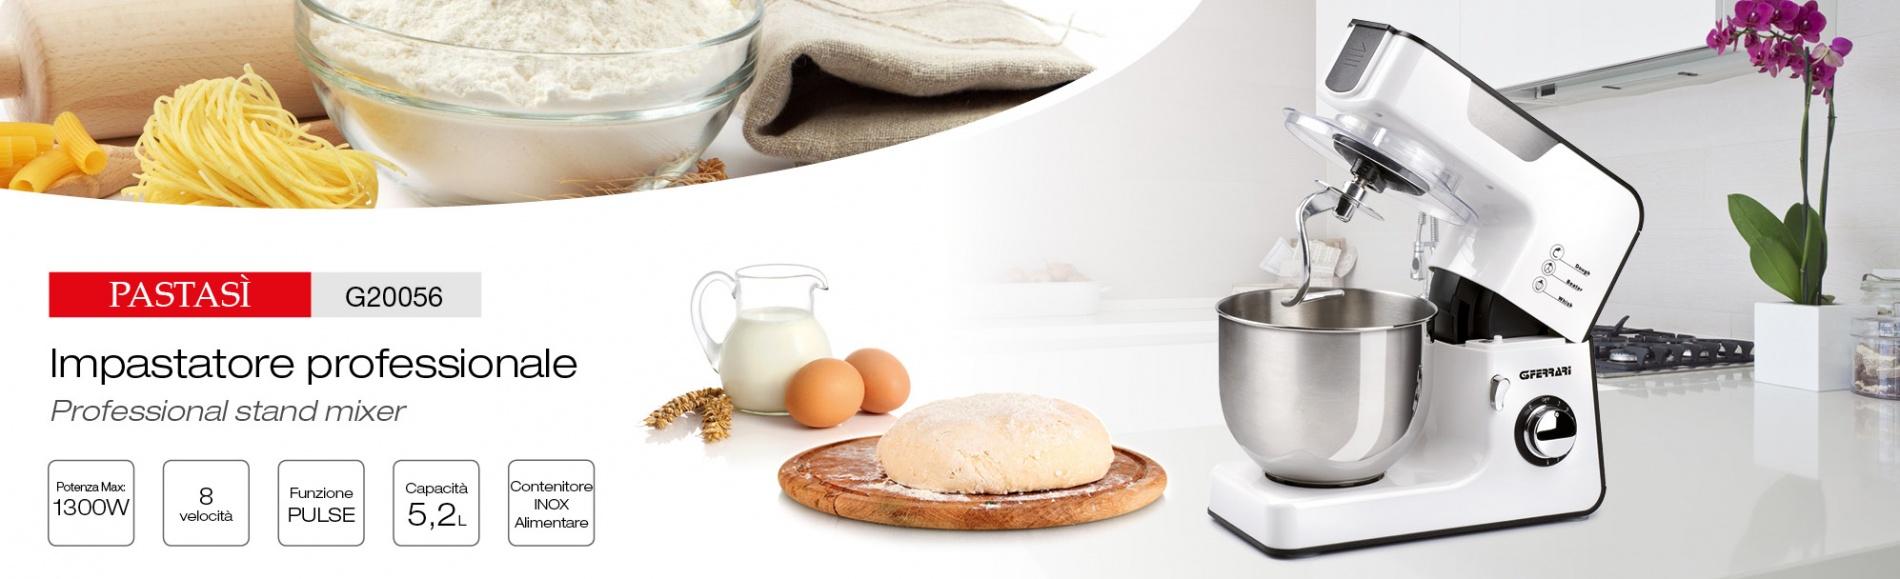 Elettrodomestici per la casa g3 ferrari qualit design for Elettrodomestici per la casa